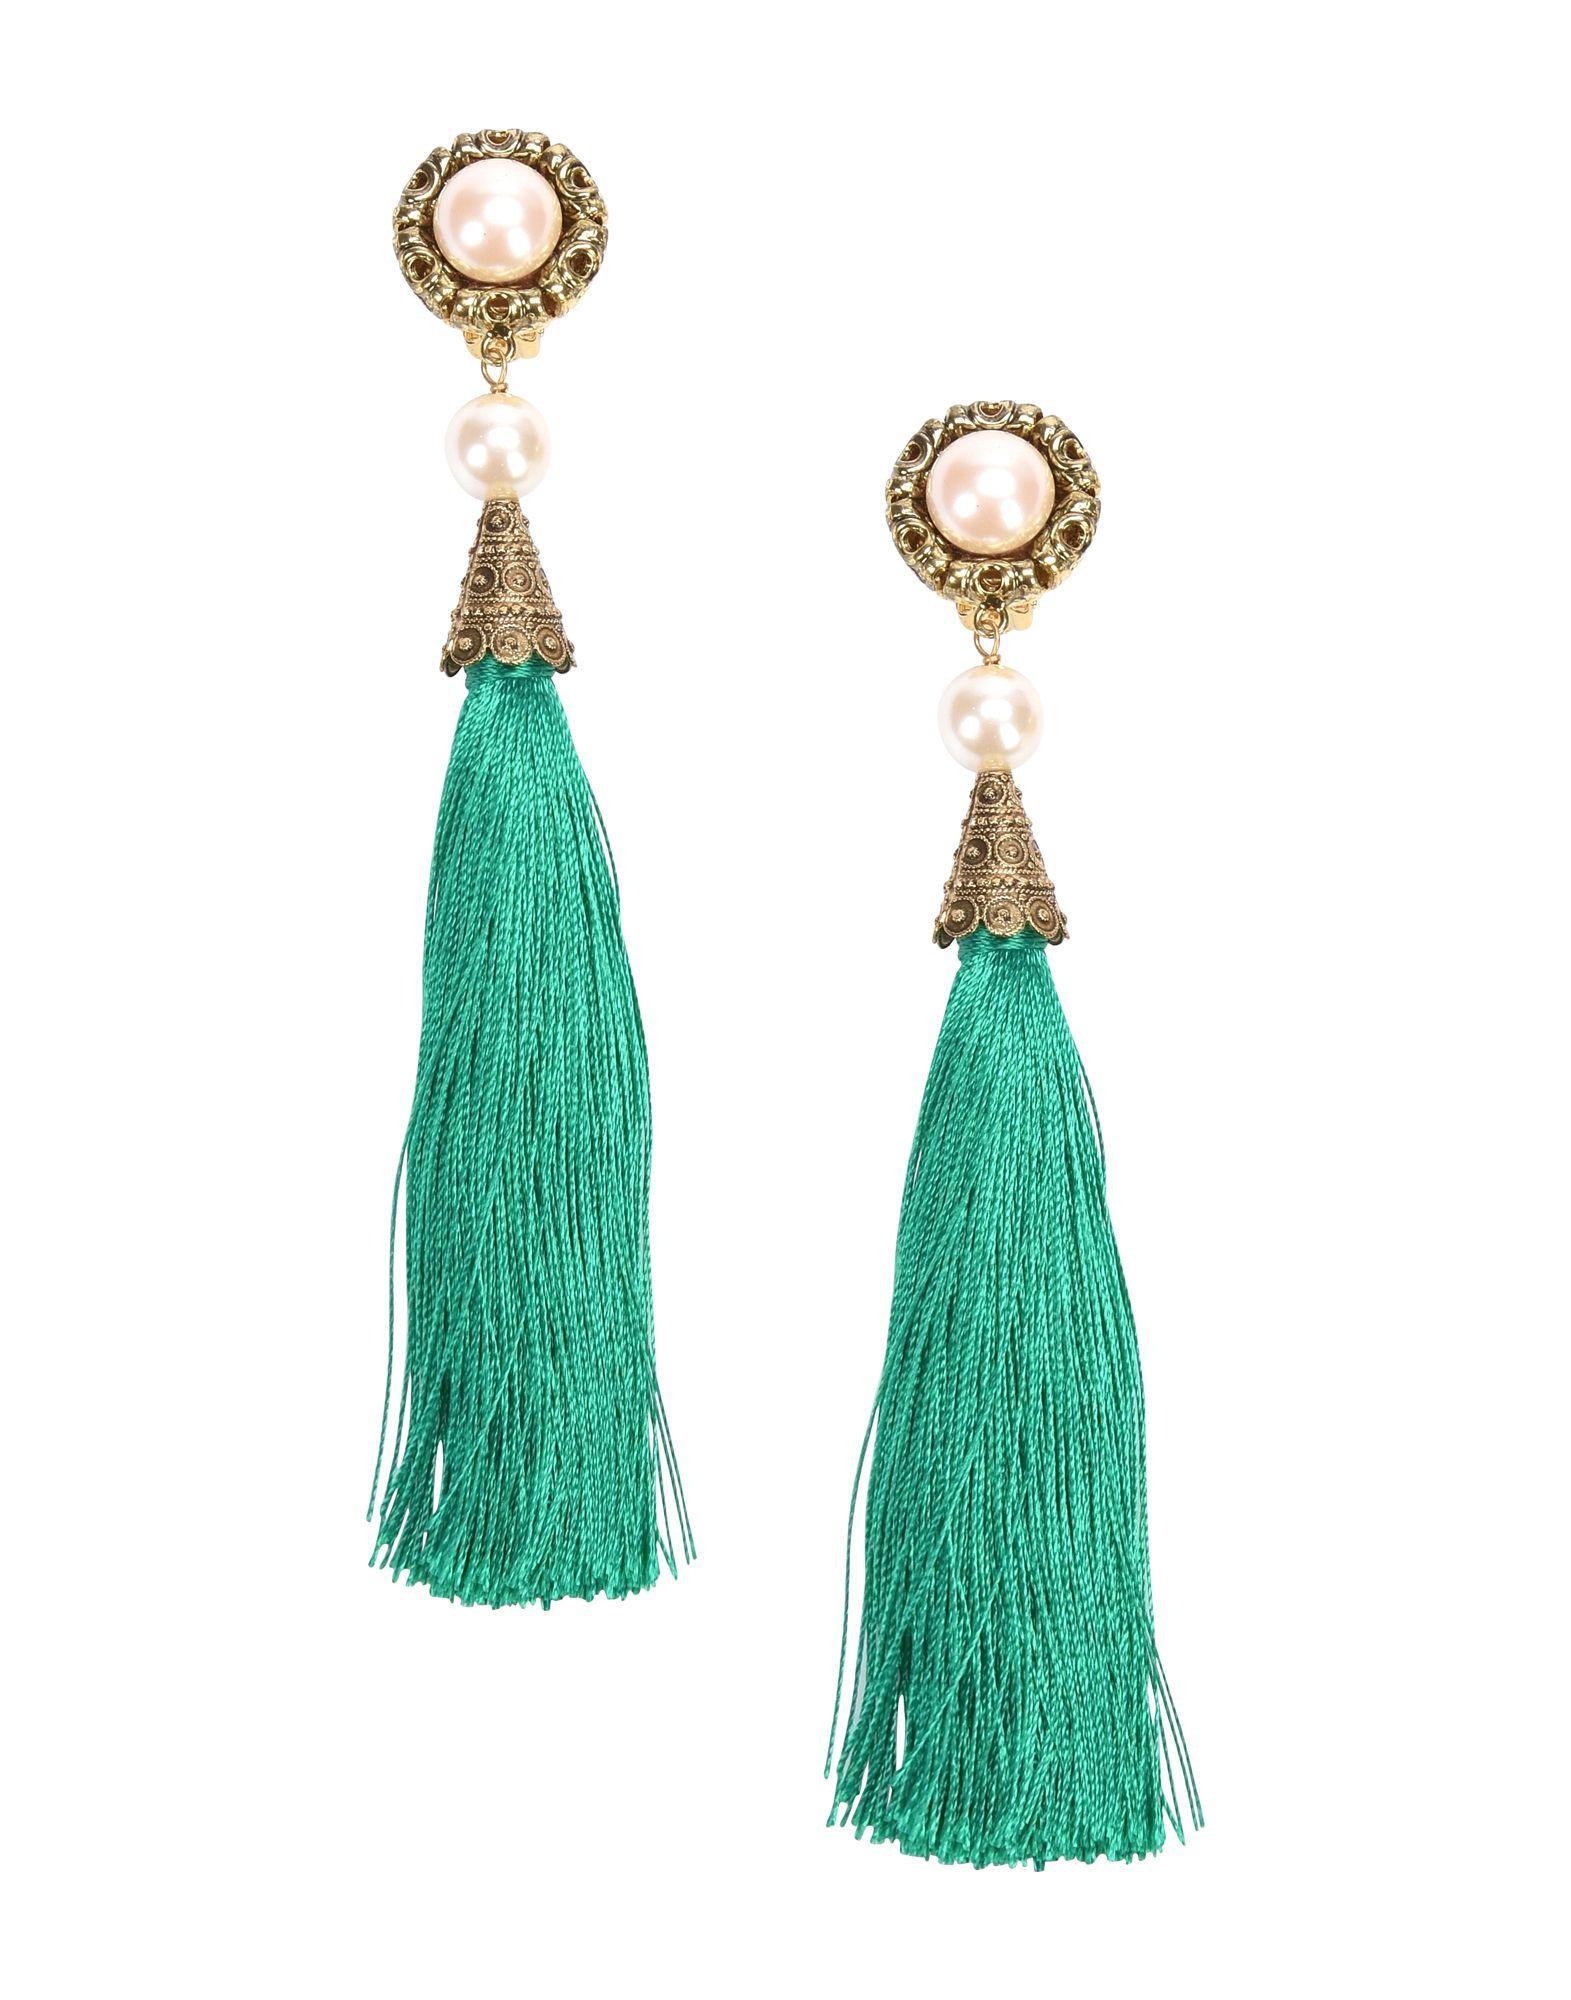 Orecchini Thot Gioielli Ors138v Cono Nappa Verde - Donna - Acquista online su